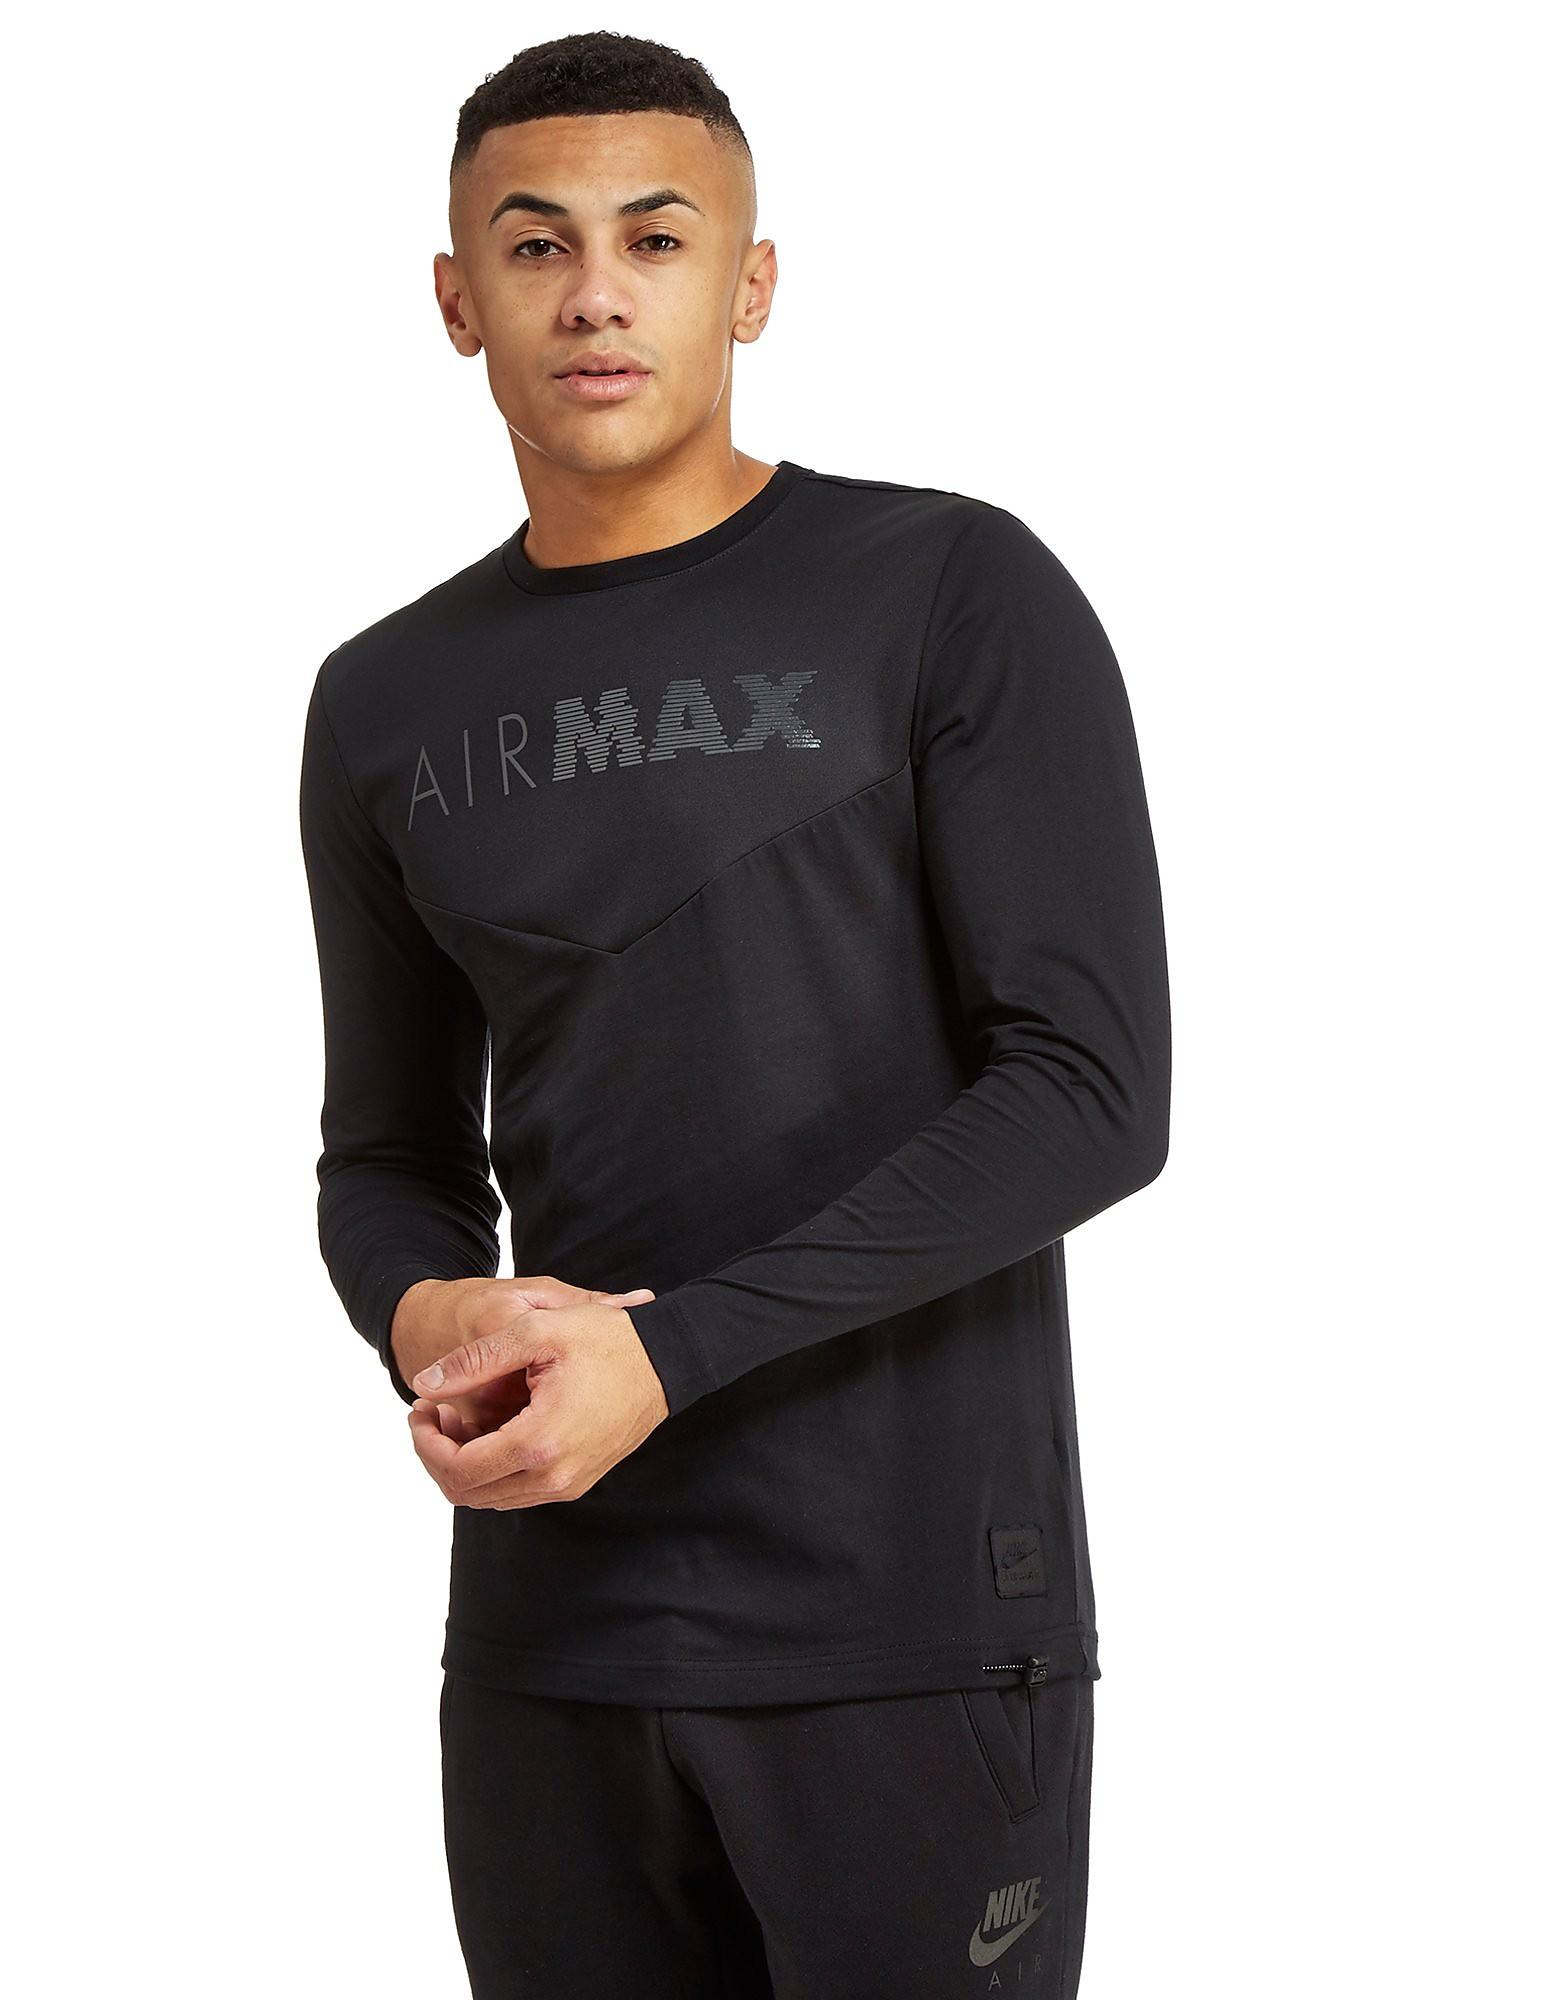 Nike Air Max Long Sleeve Chevron T-Shirt